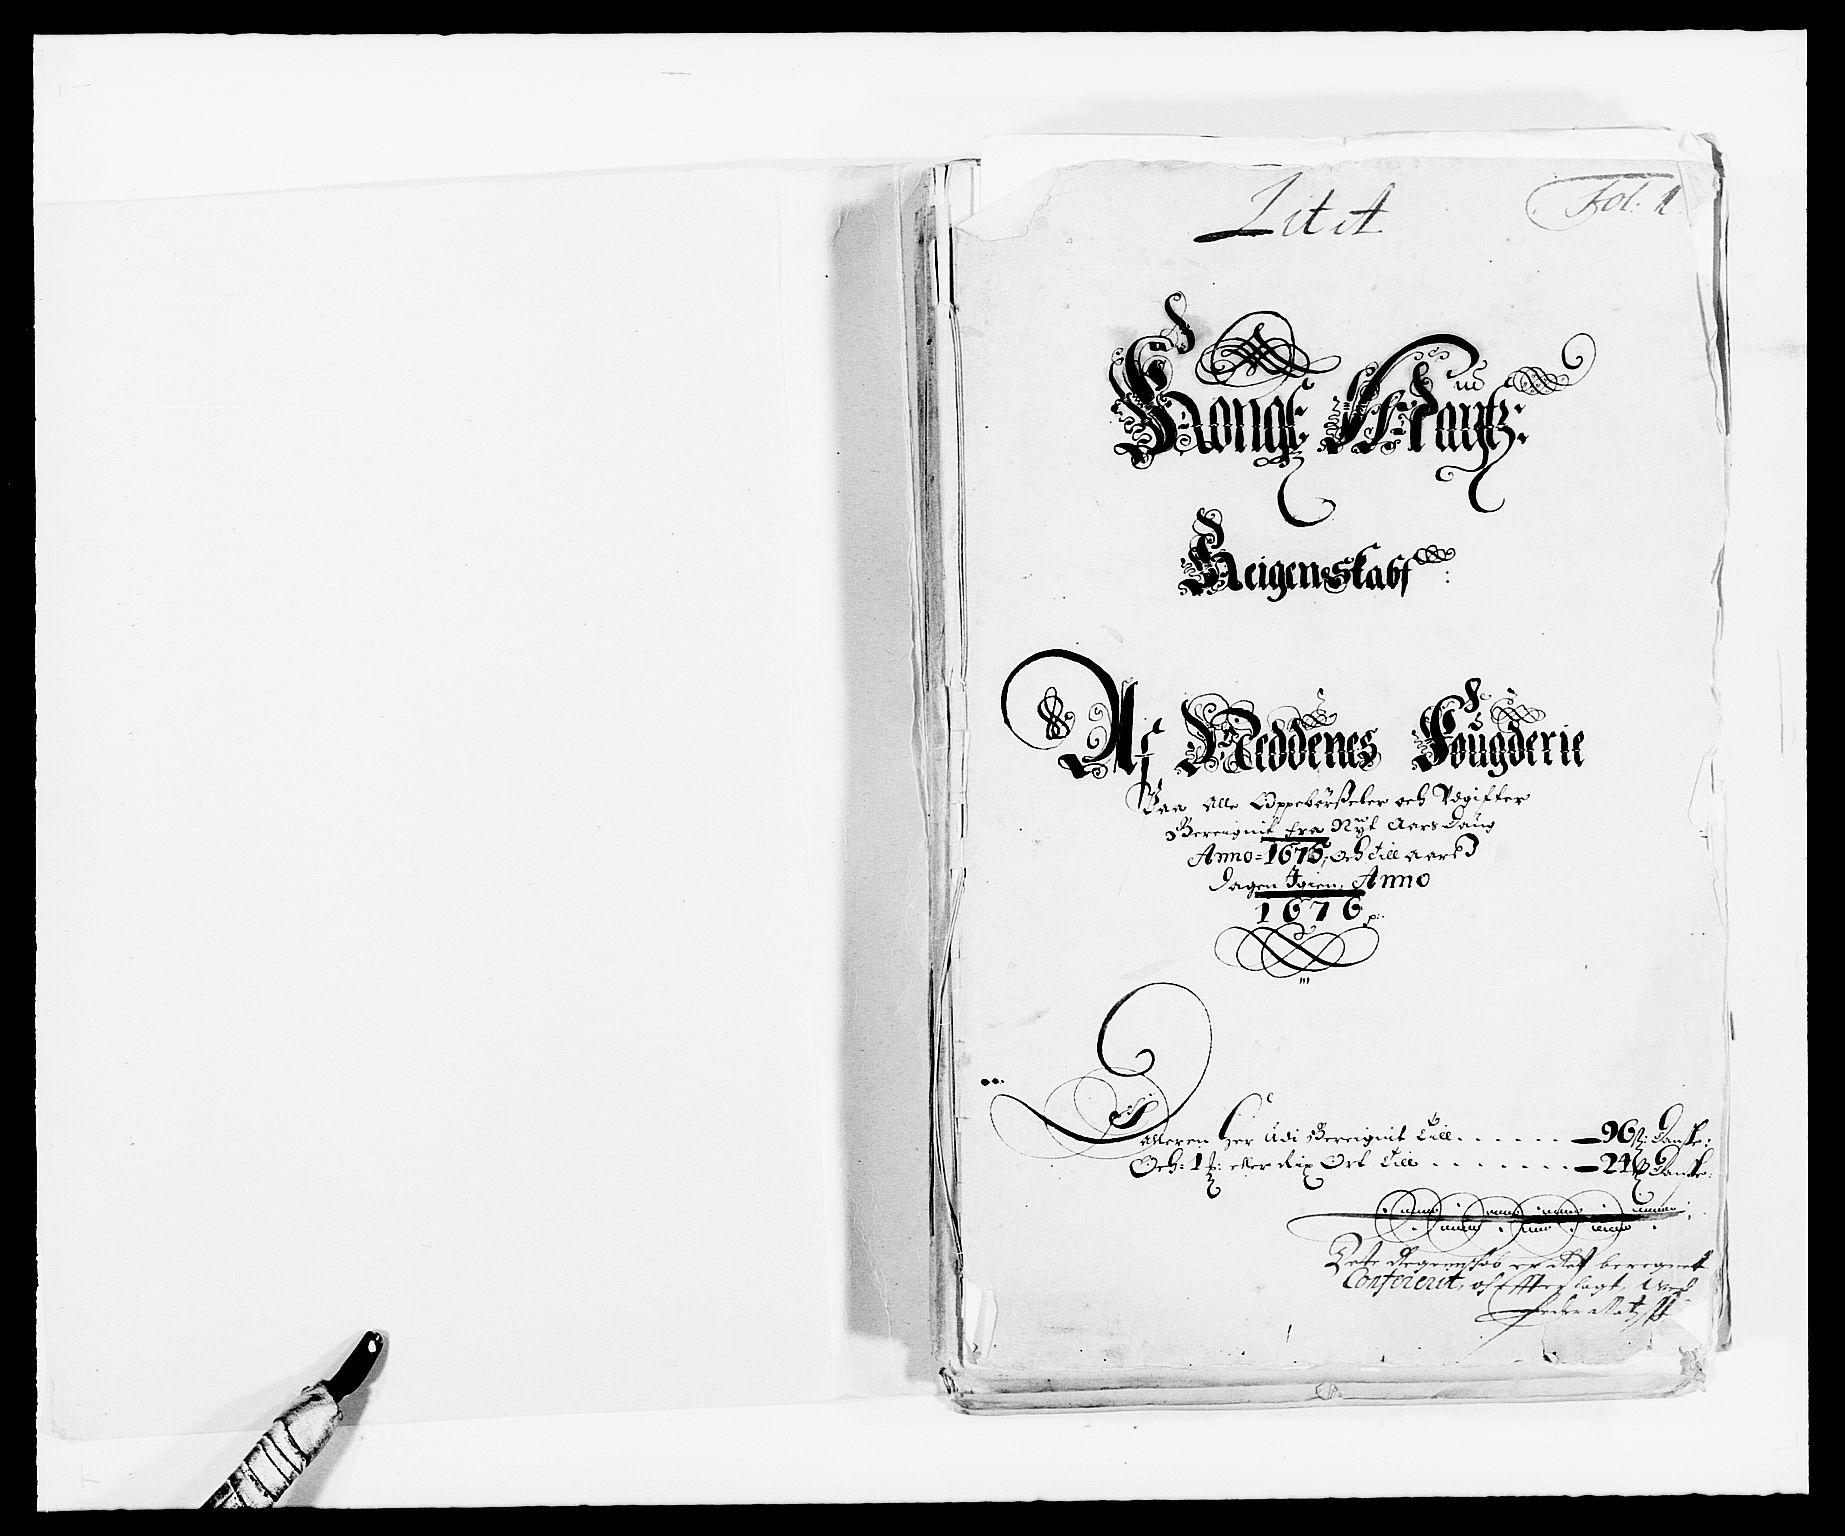 RA, Rentekammeret inntil 1814, Reviderte regnskaper, Fogderegnskap, R39/L2301: Fogderegnskap Nedenes, 1675-1676, s. 2